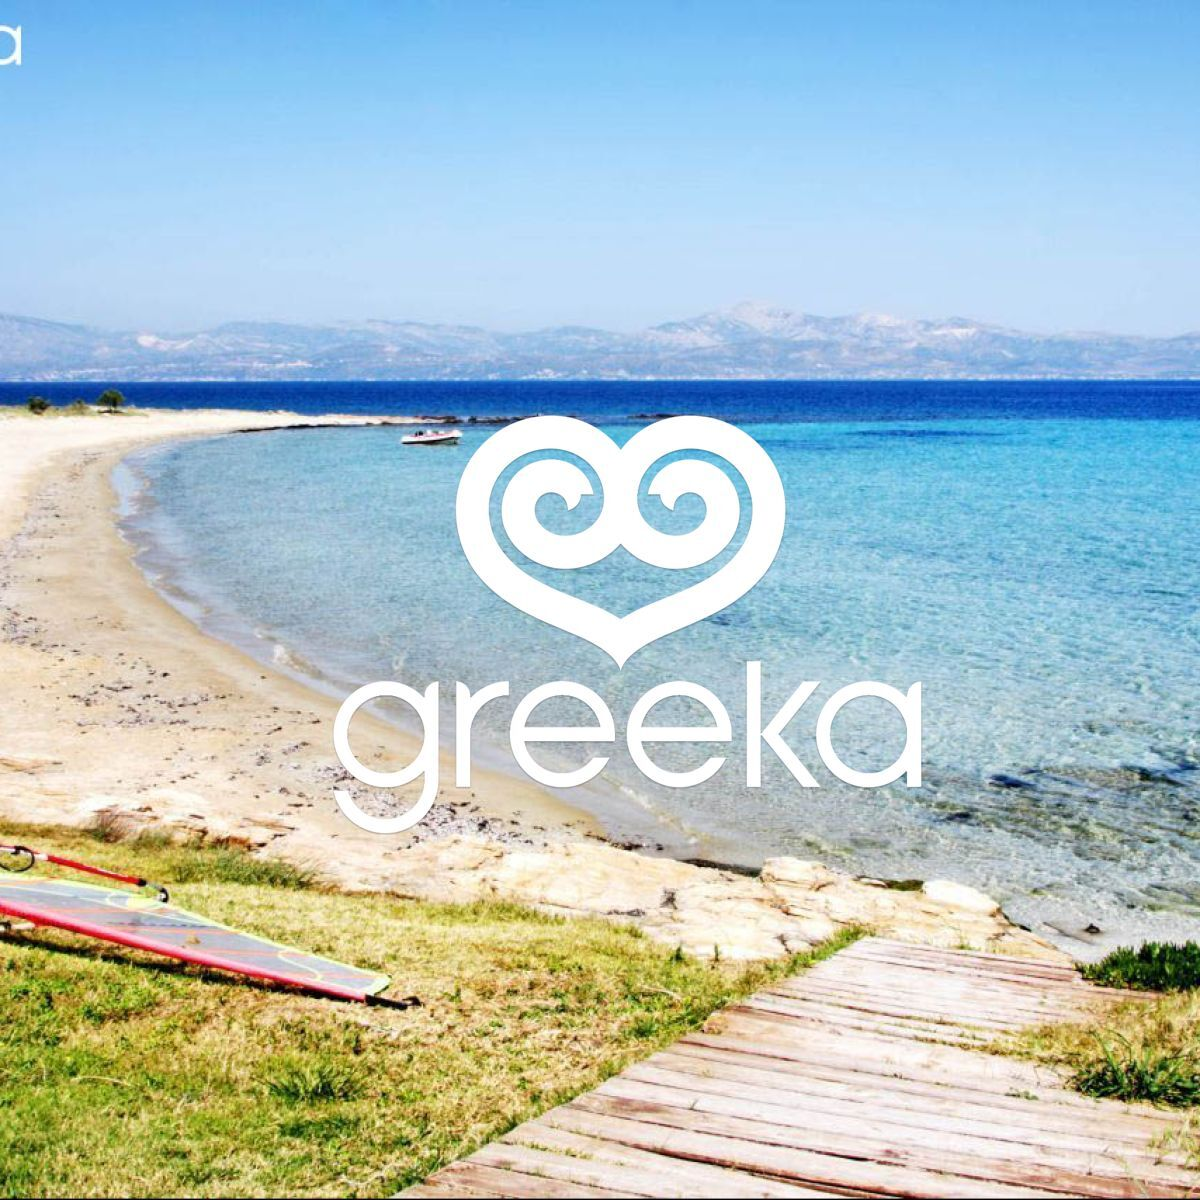 Paros Beaches: Paros Messada Beach - Paros Beaches